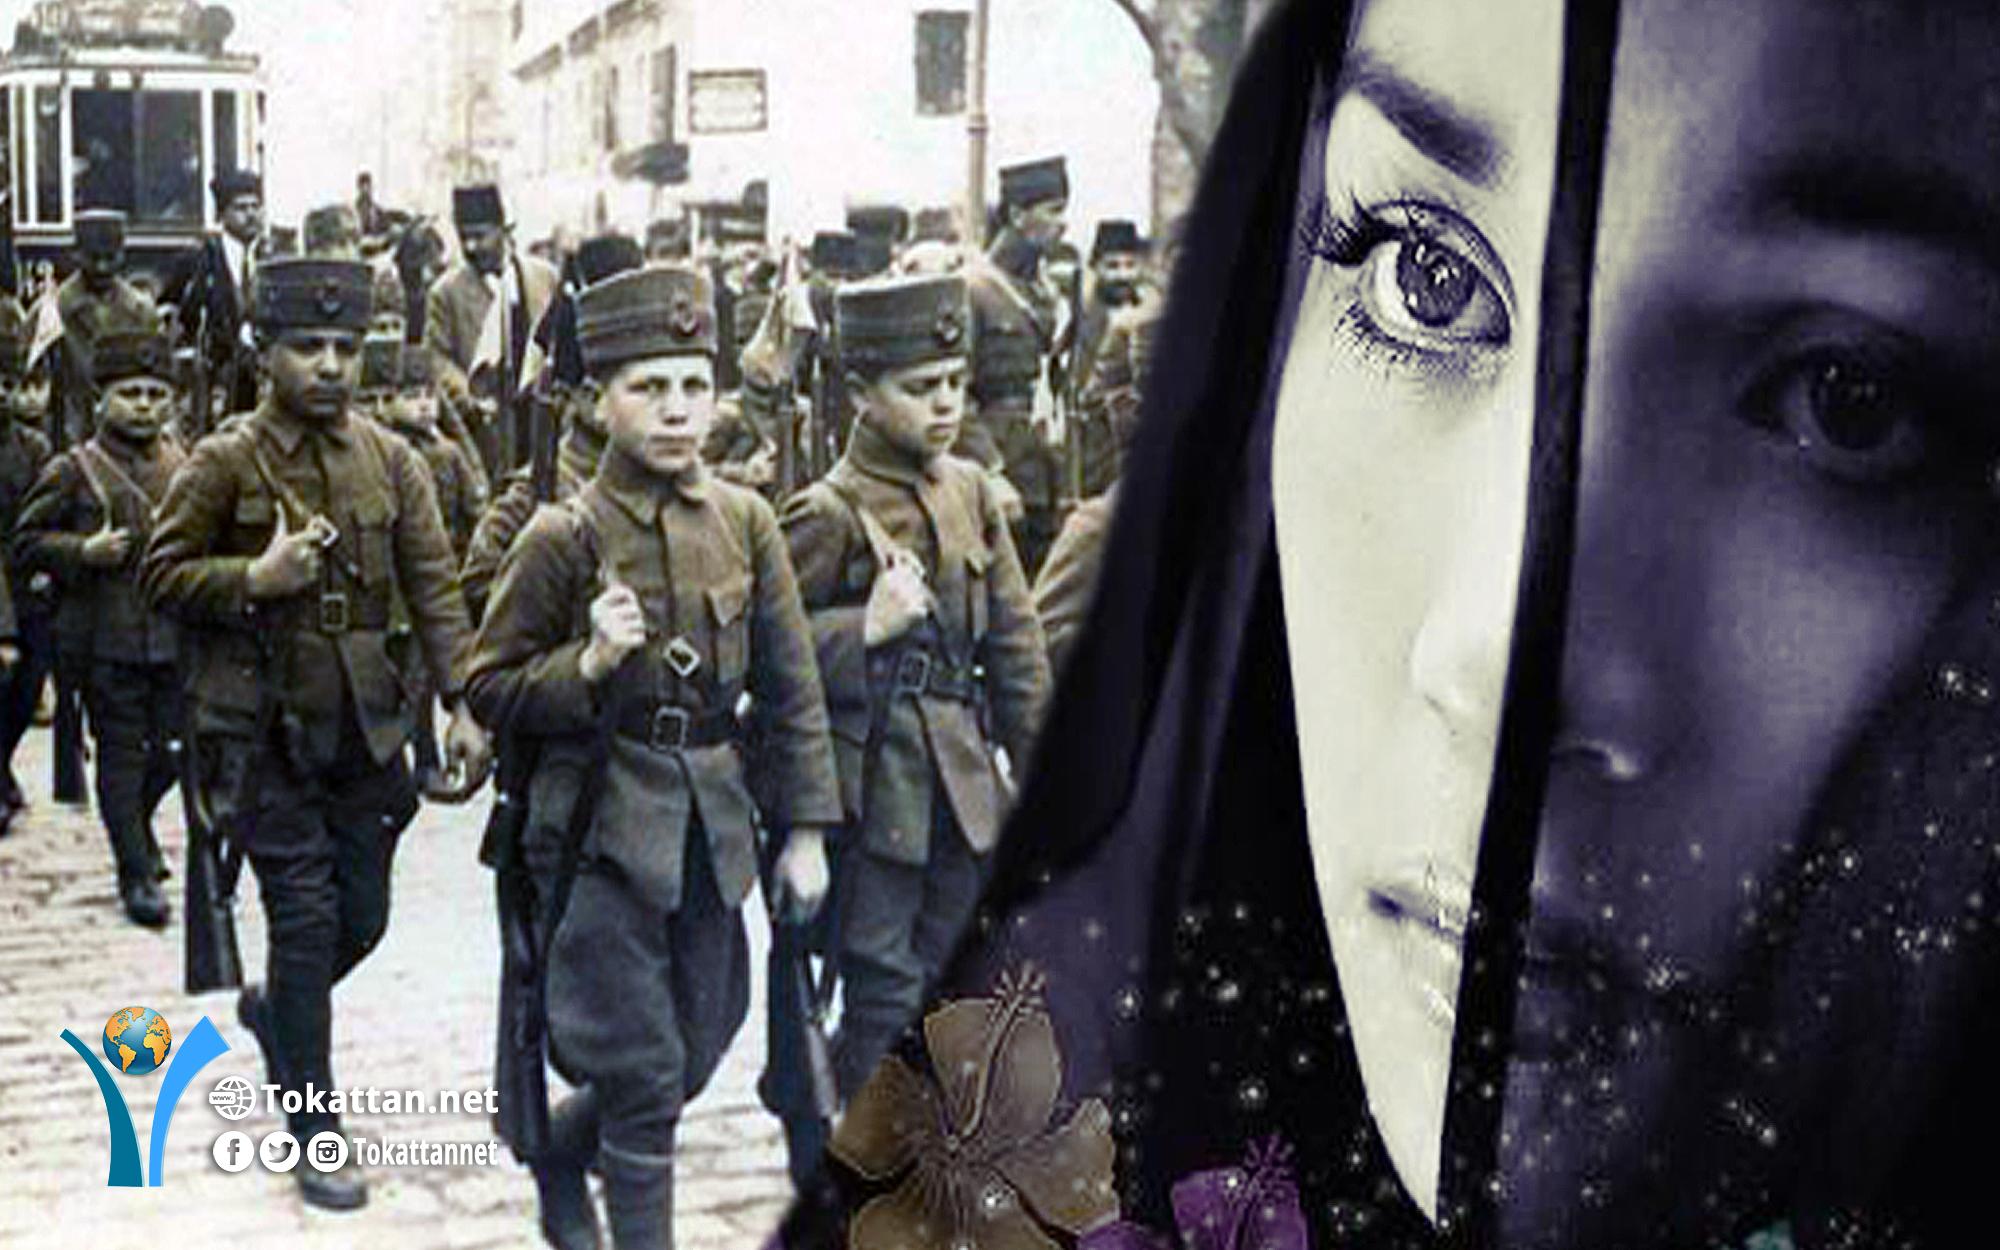 Tokattan.net | Savaşın ve Kavuşamamanın Türküsü; Hey Onbeşli